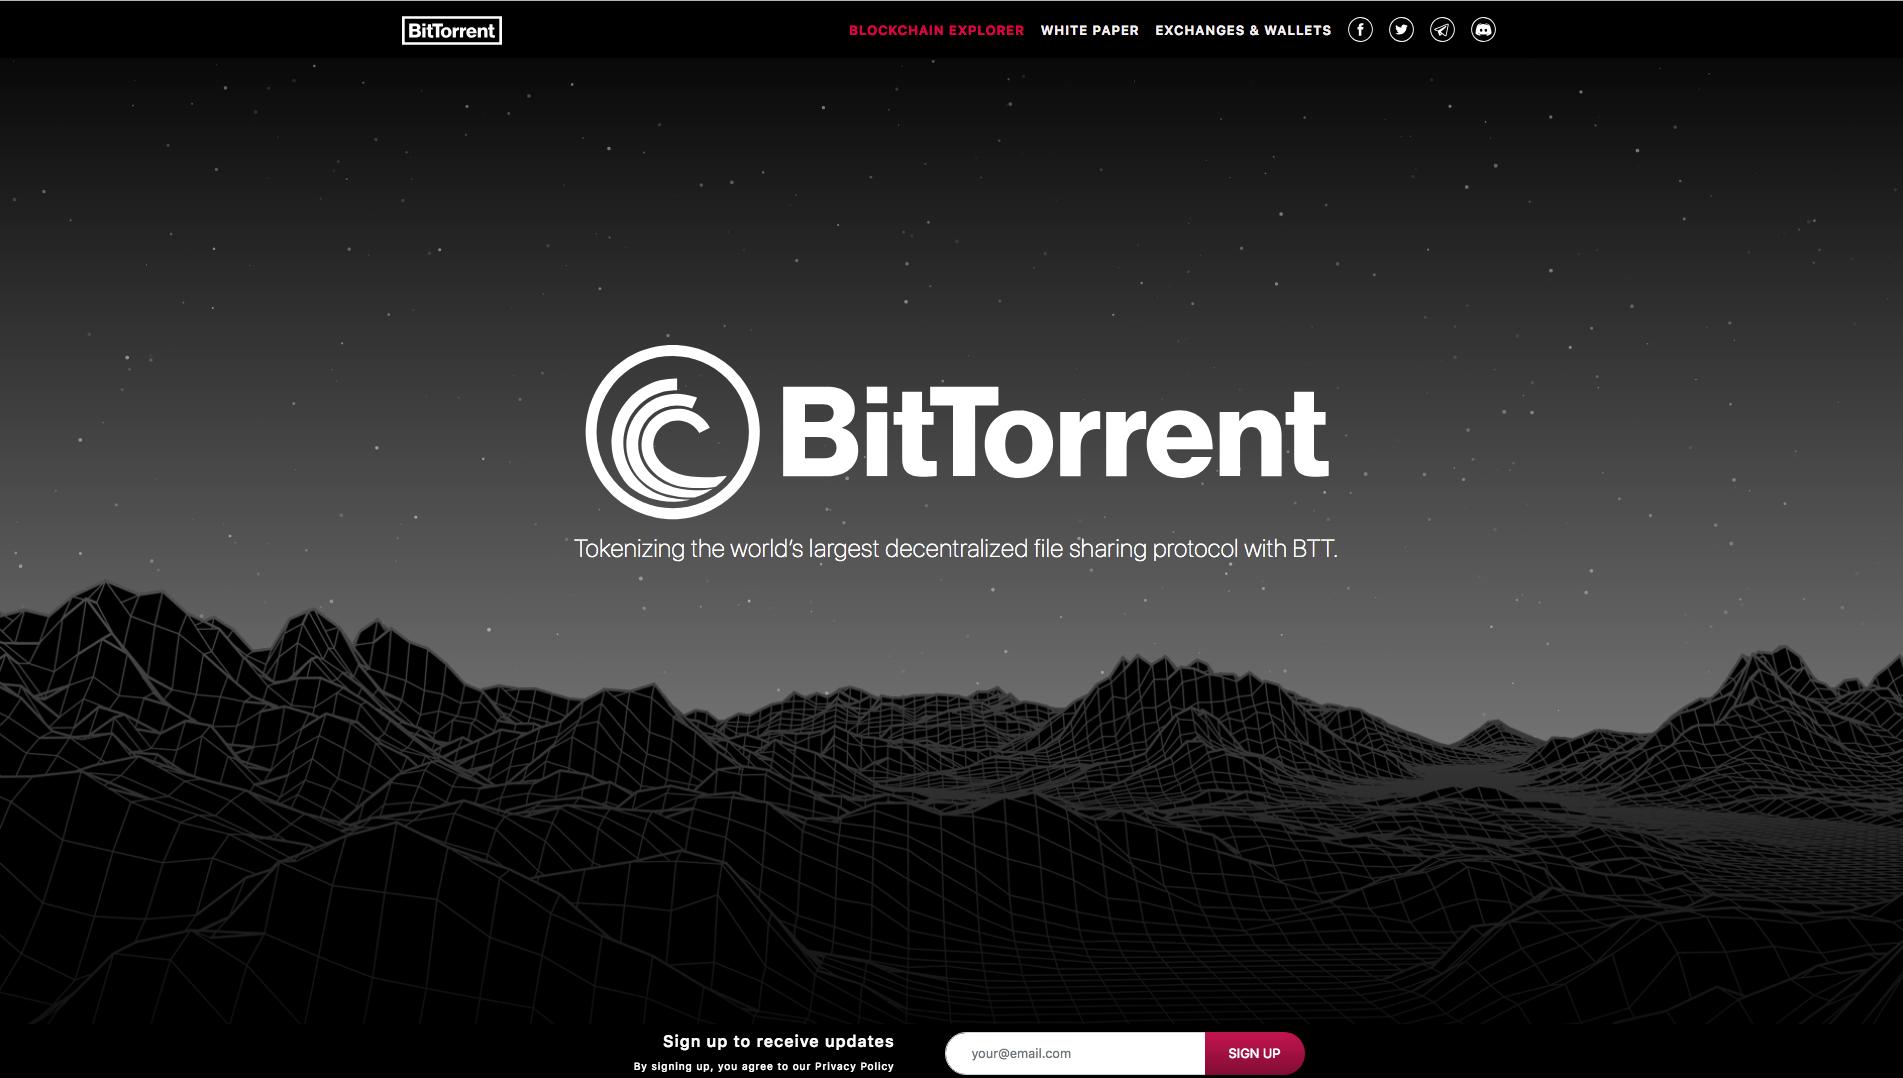 btt coin news, analysis, token descriptions